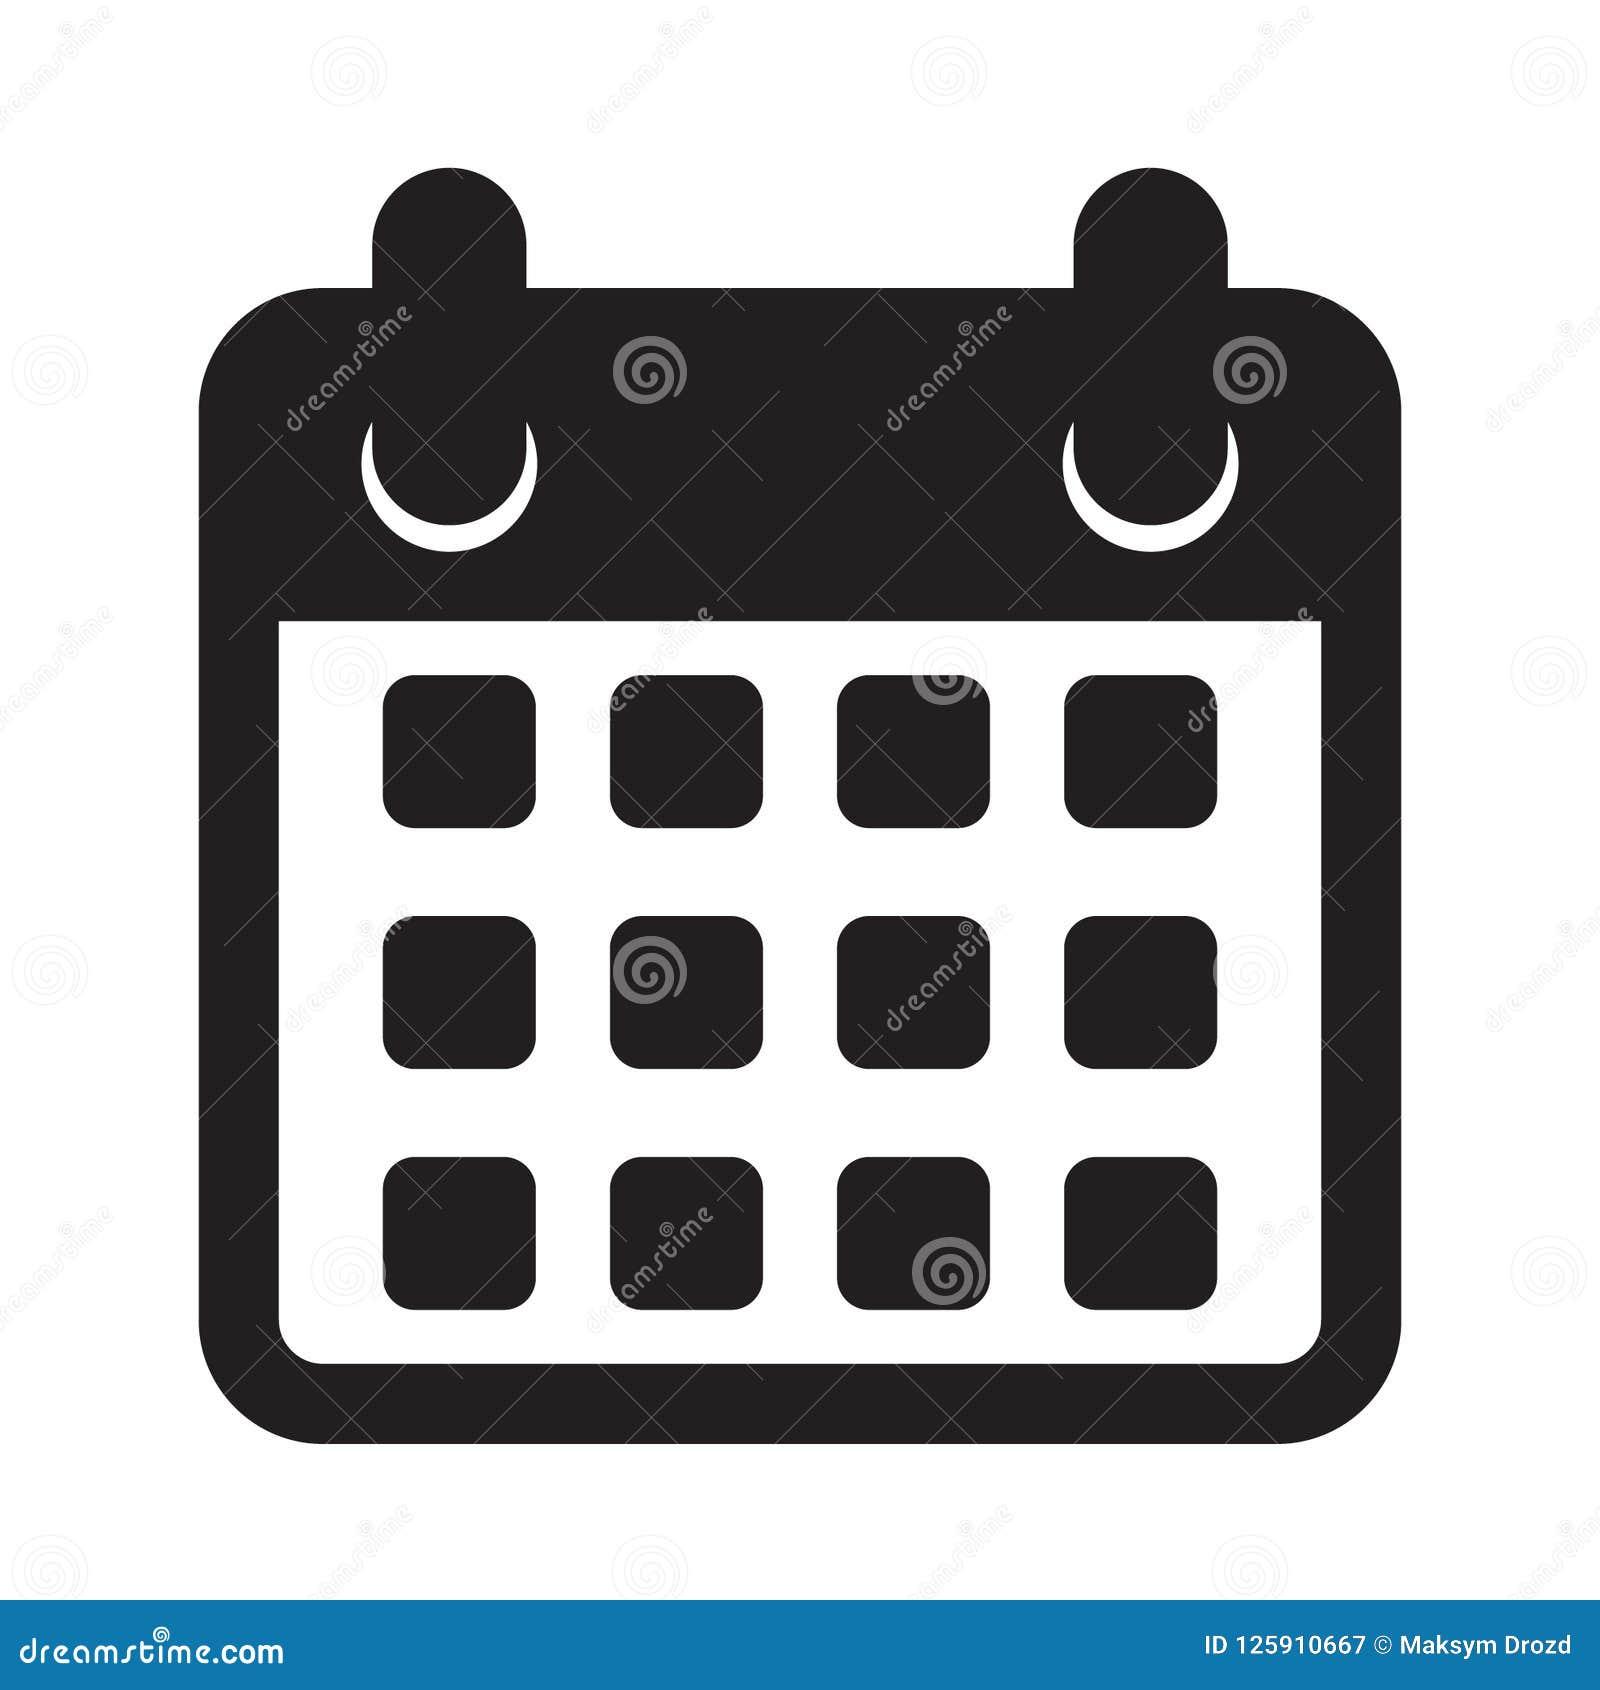 Calendario Icona.Calendar Icon Calendar On The Wall Stock Vector